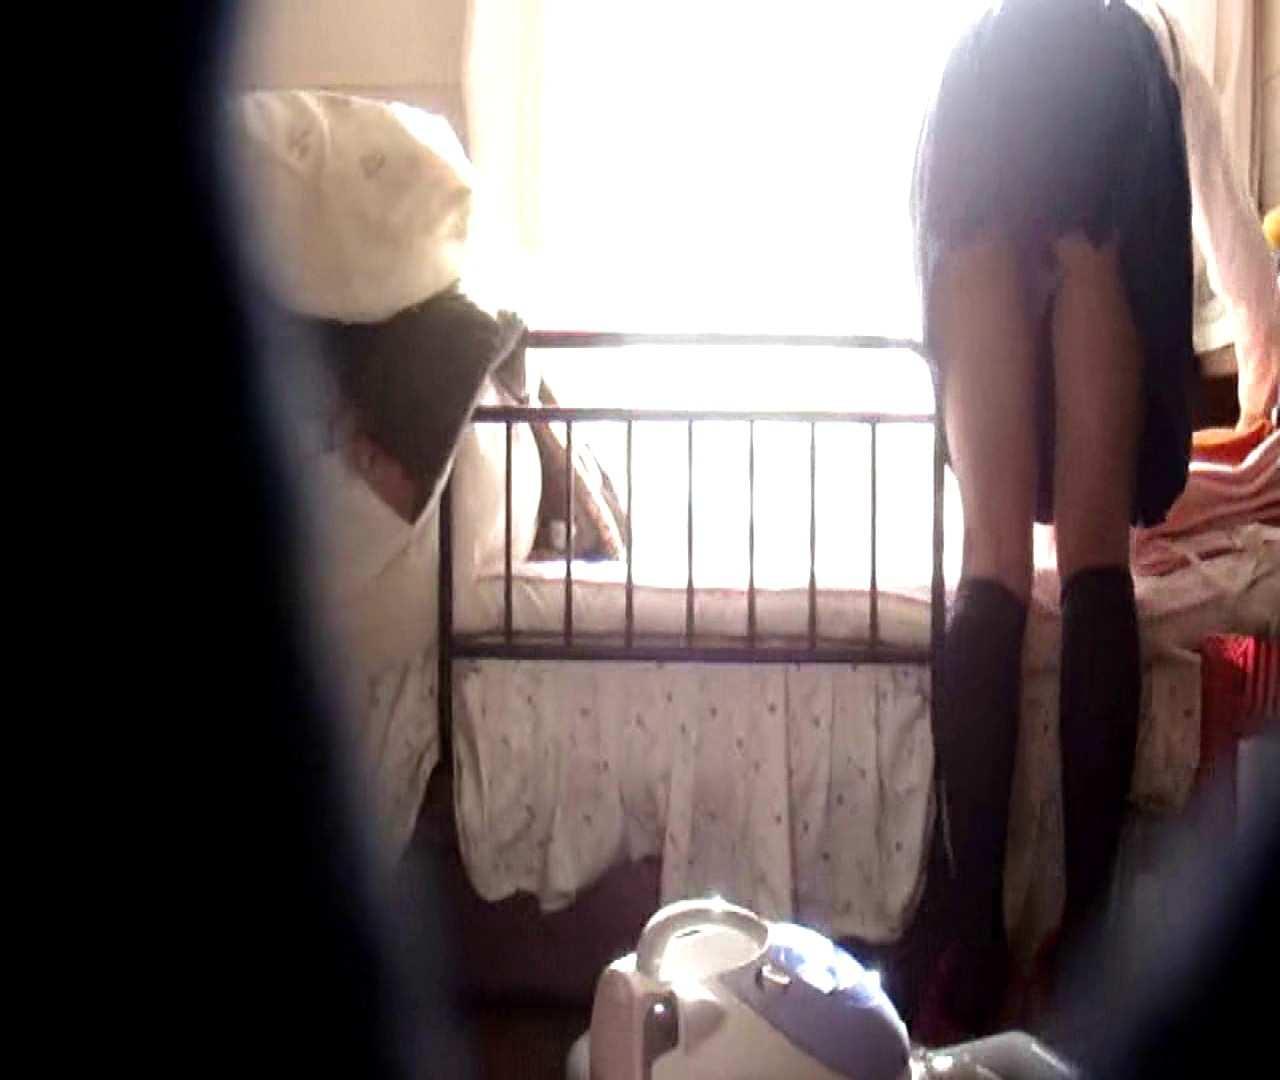 vol.3 まどかがパンツを見せながら部屋掃除、洗面所も少しどうぞ。 ○族 SEX無修正画像 106画像 29